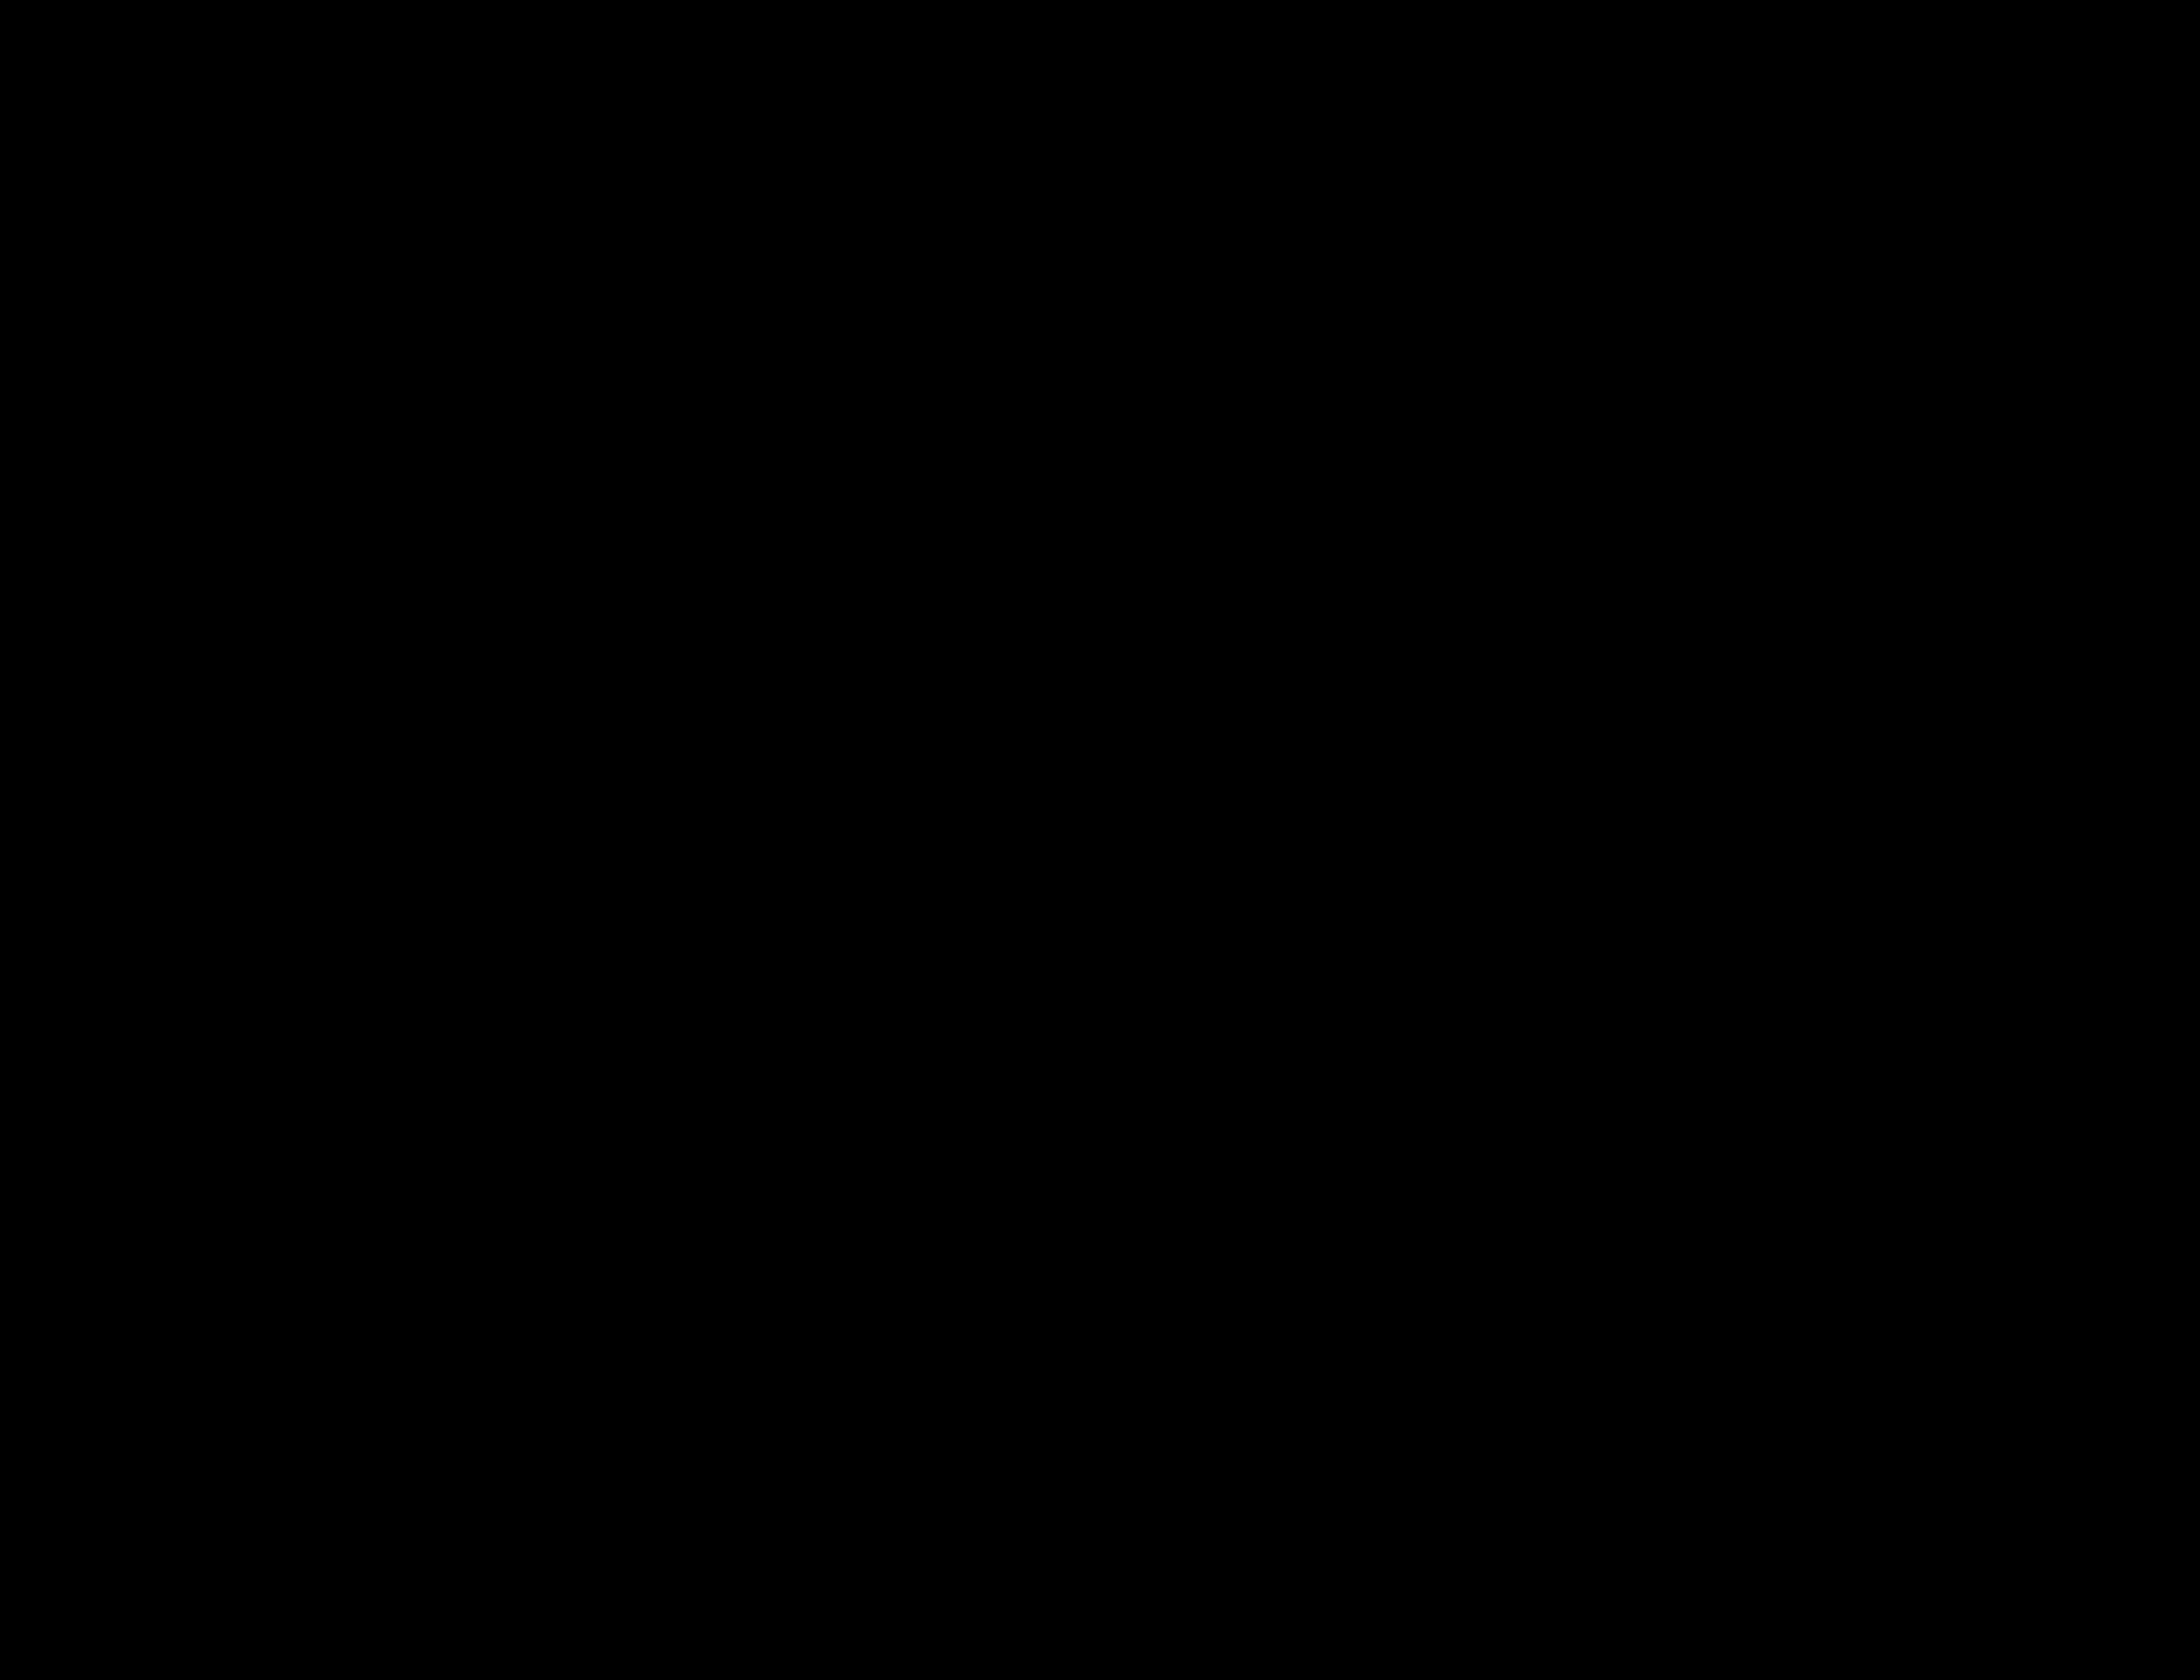 Ecological map of Ecuador 1978